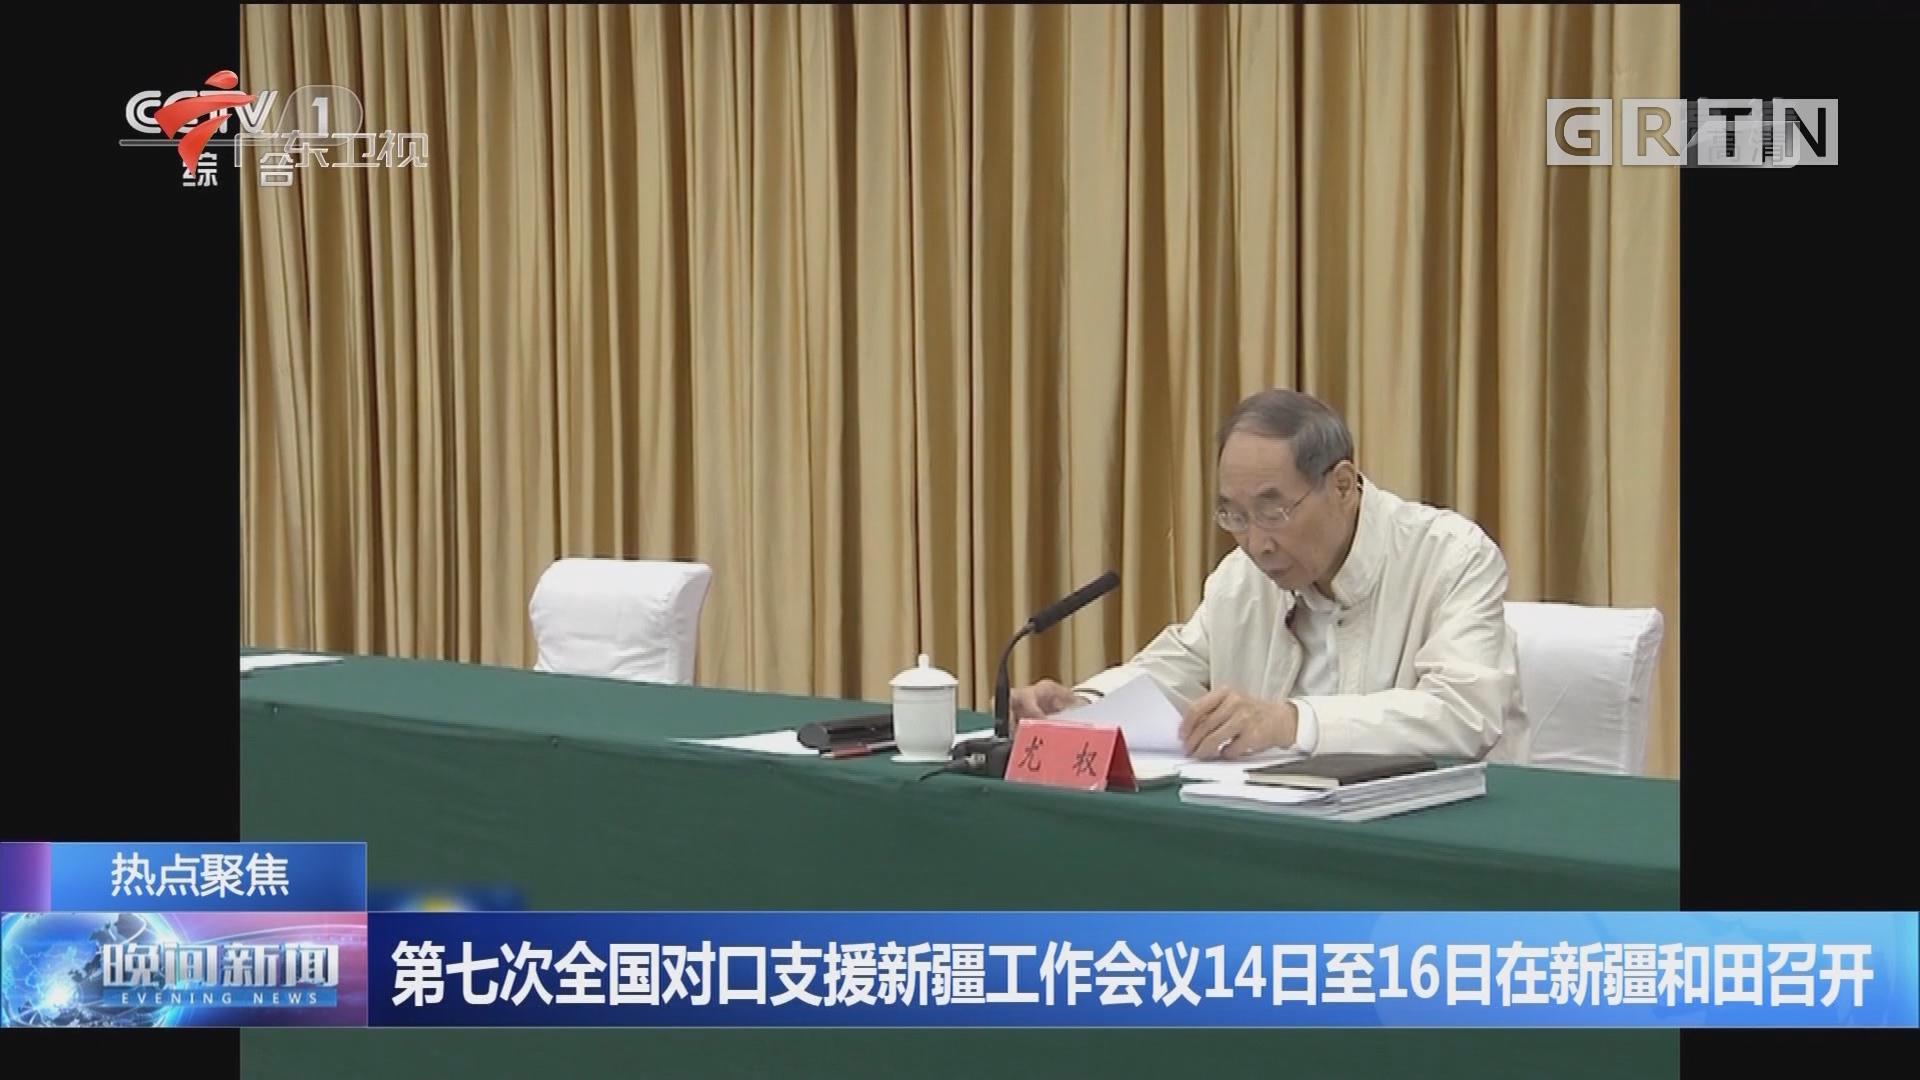 第七次全国对口支援新疆工作会议14日至16日在新疆和田召开